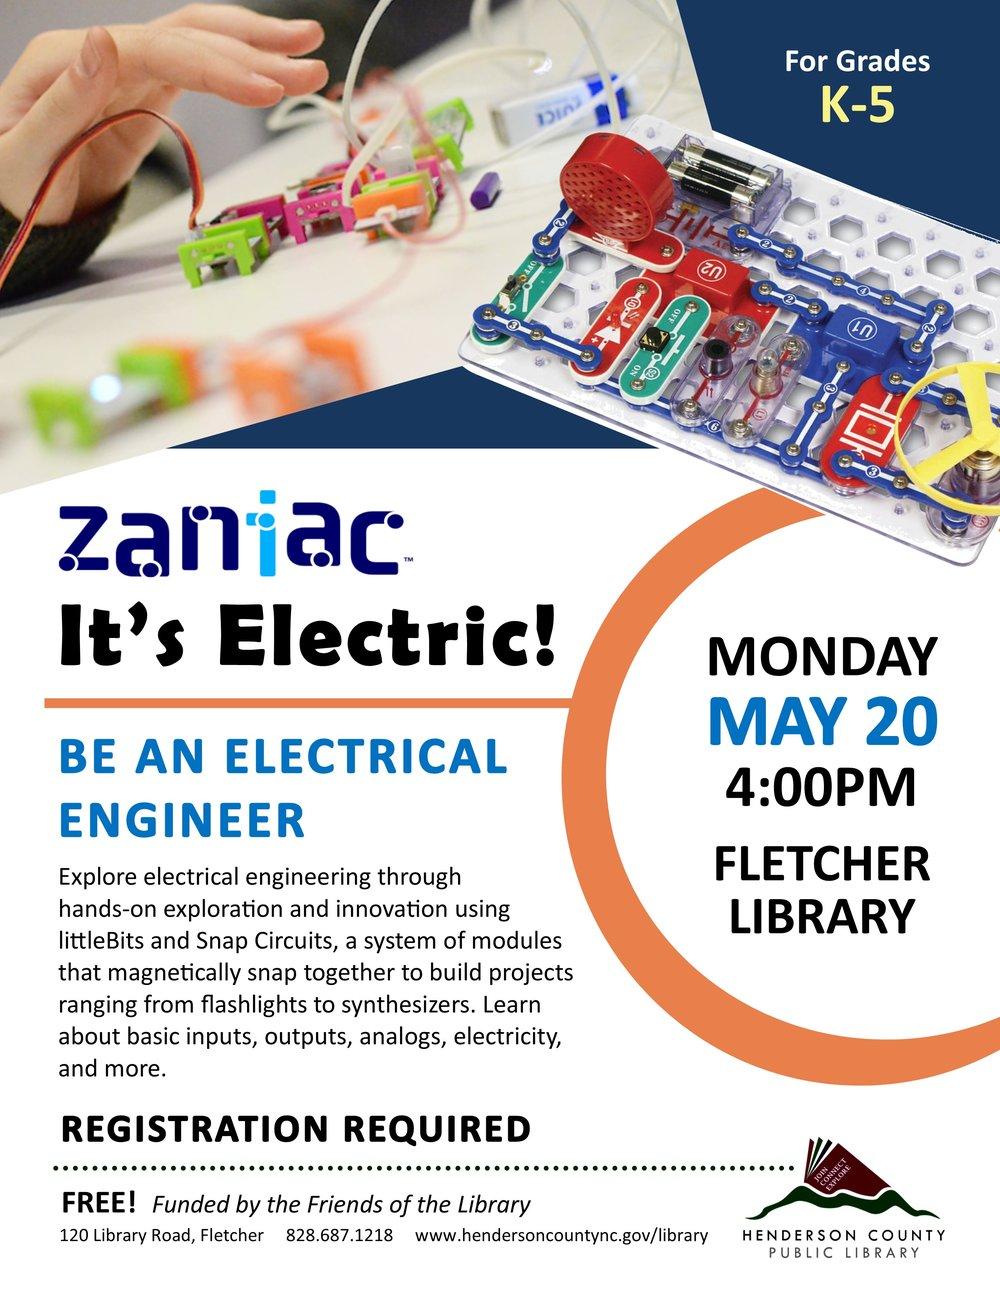 FL- Zaniac It's Electric.jpg